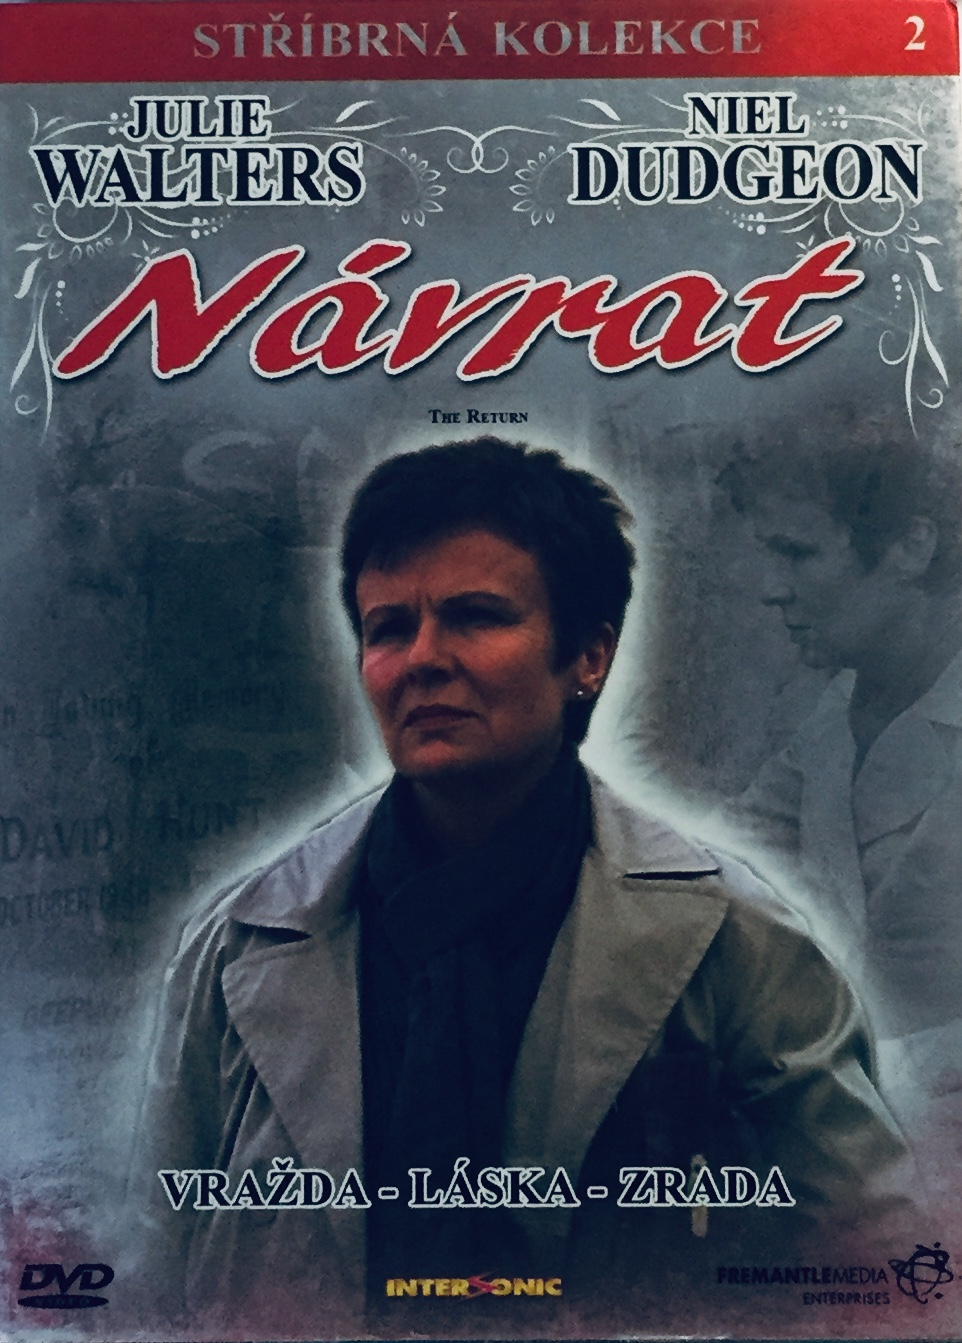 Návrat - Stříbrná kolekce - DVD /digipack/